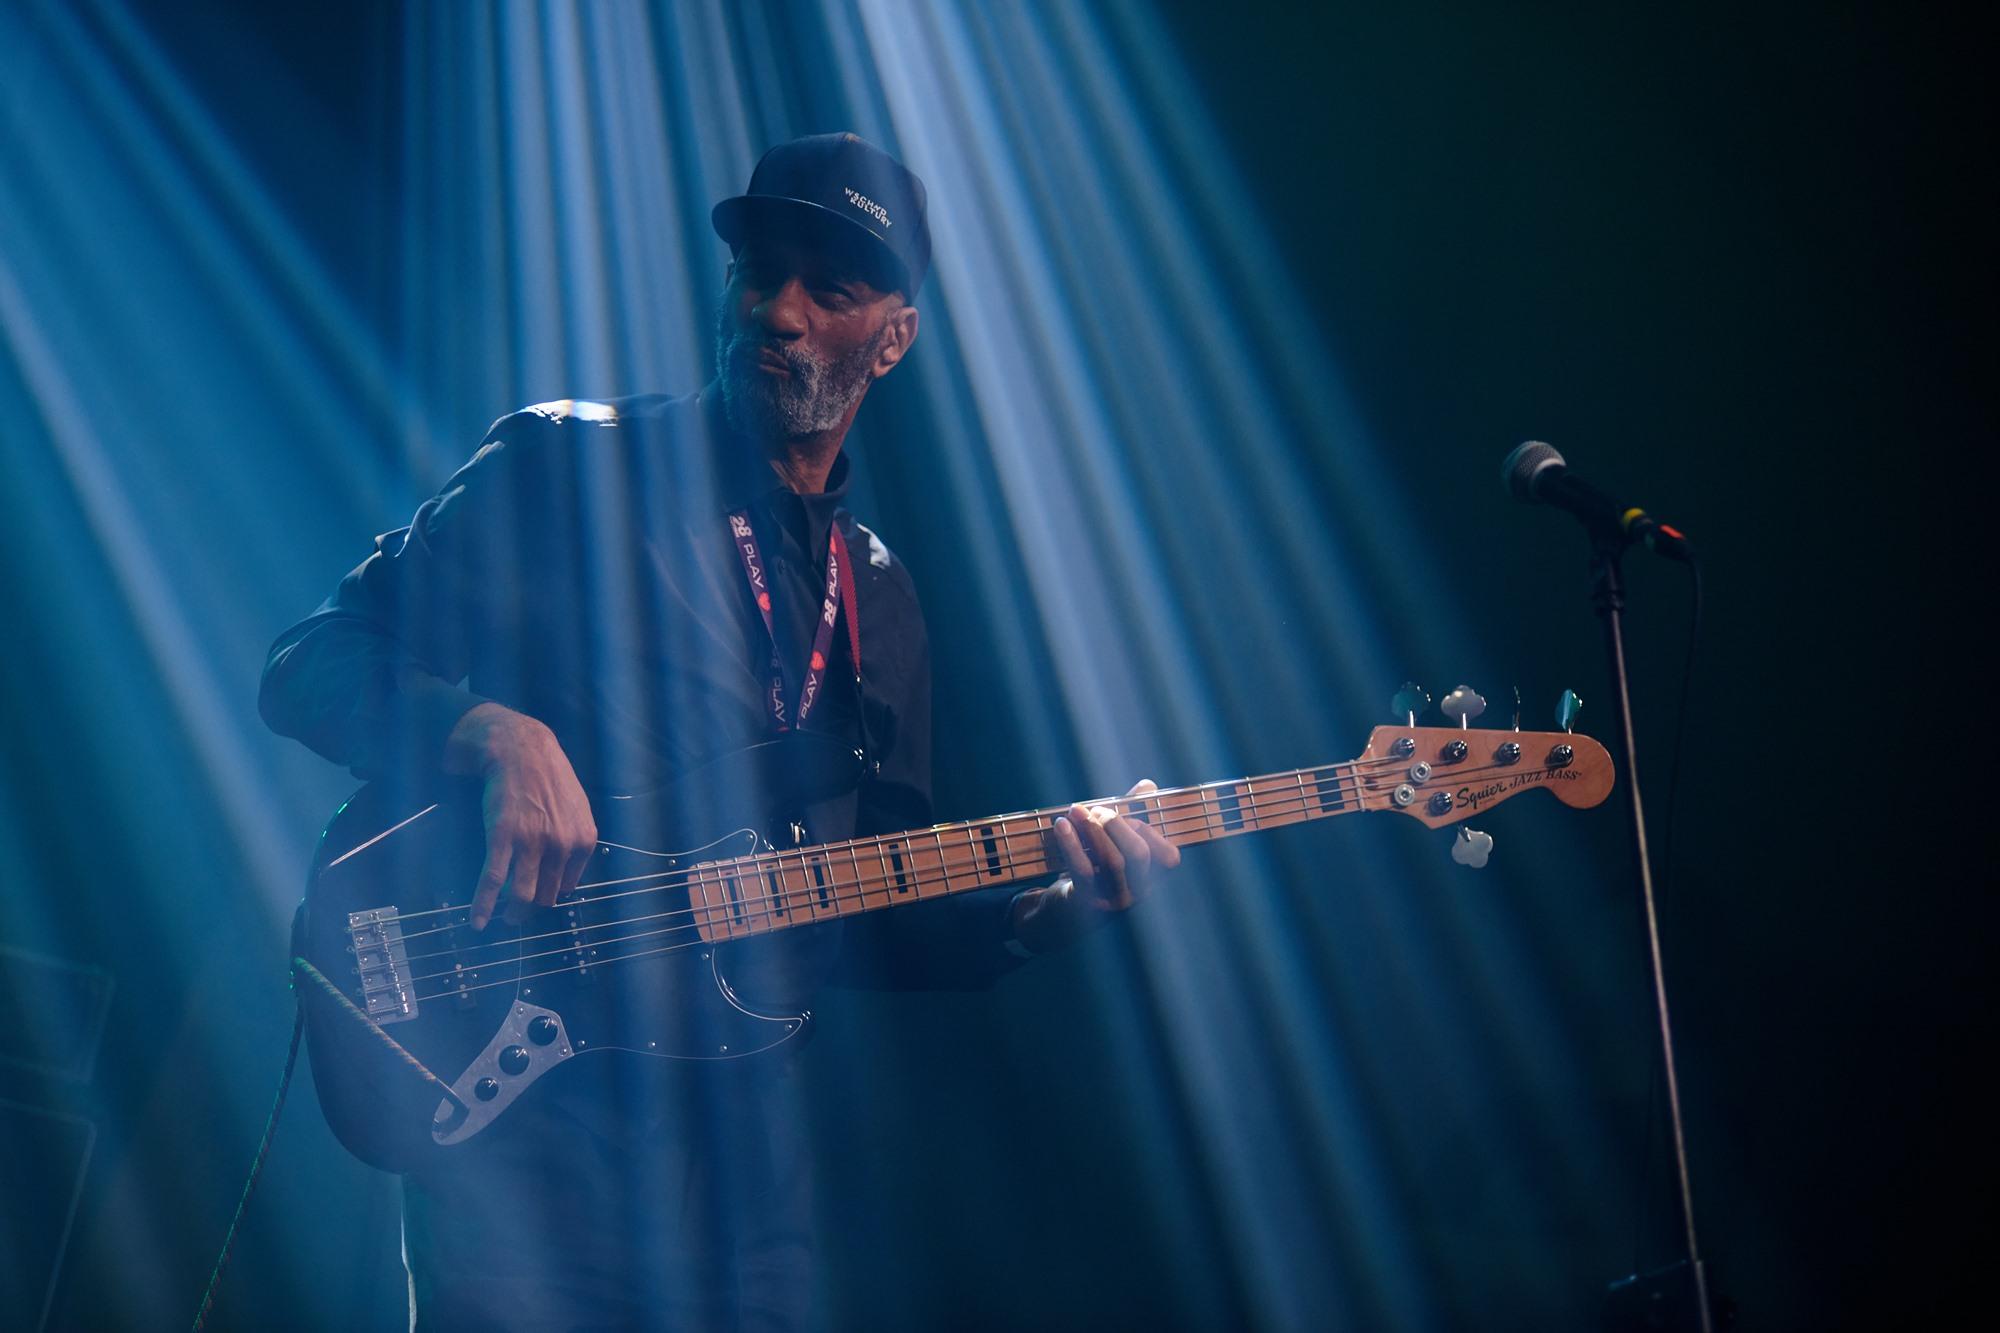 [Zdjęcie z koncertu Ayoub Houmanna & Nomads Moods. Mężczyzna w czarnej czapce z daszkiem gra na gitarze elektrycznej. Stoi w niebieskim oświetleniu.]